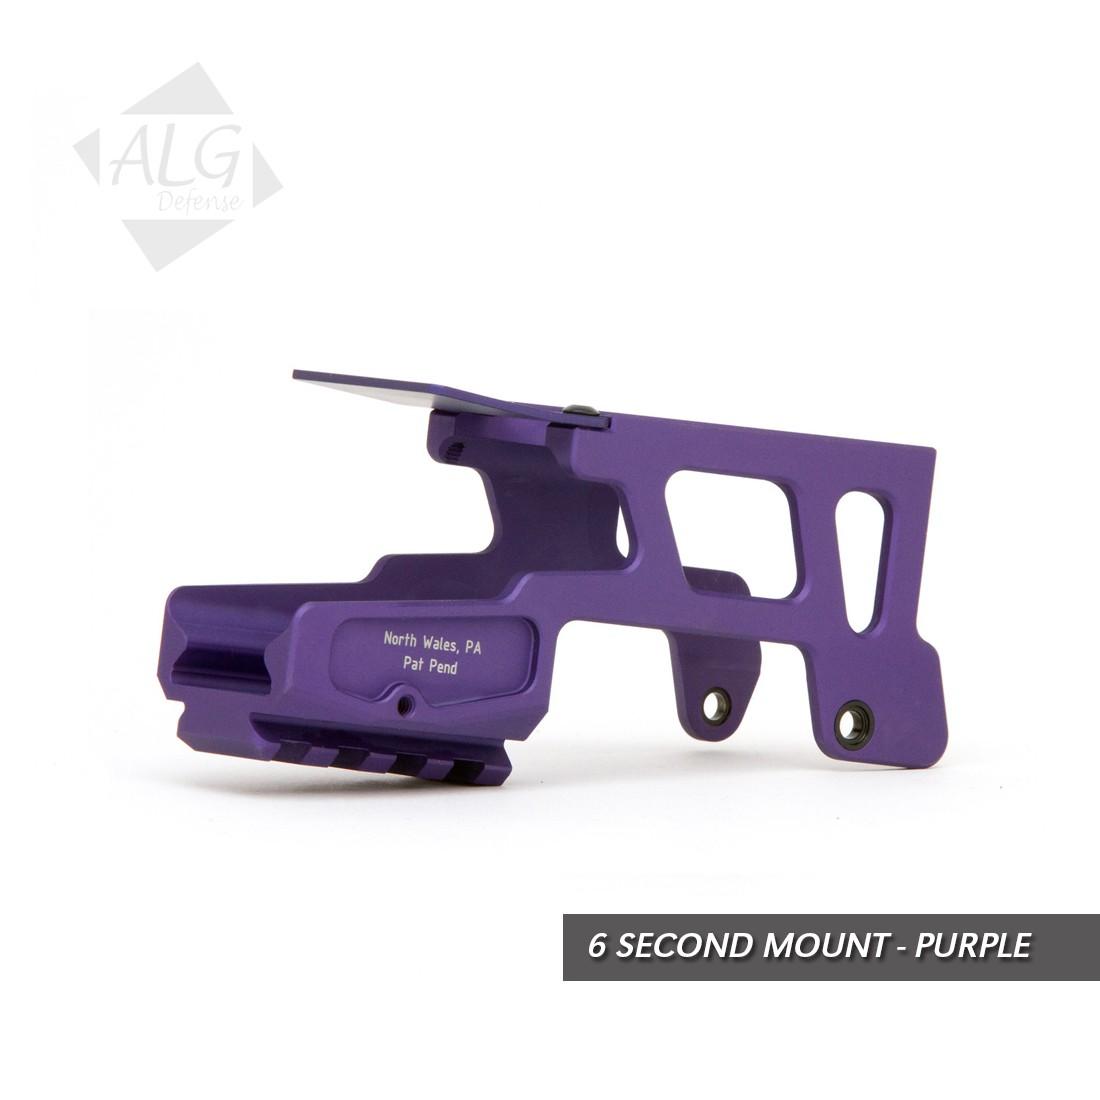 ALG Defense 6 Second Mount for G3 Glock 17, 22, 24, 31, 34, 35